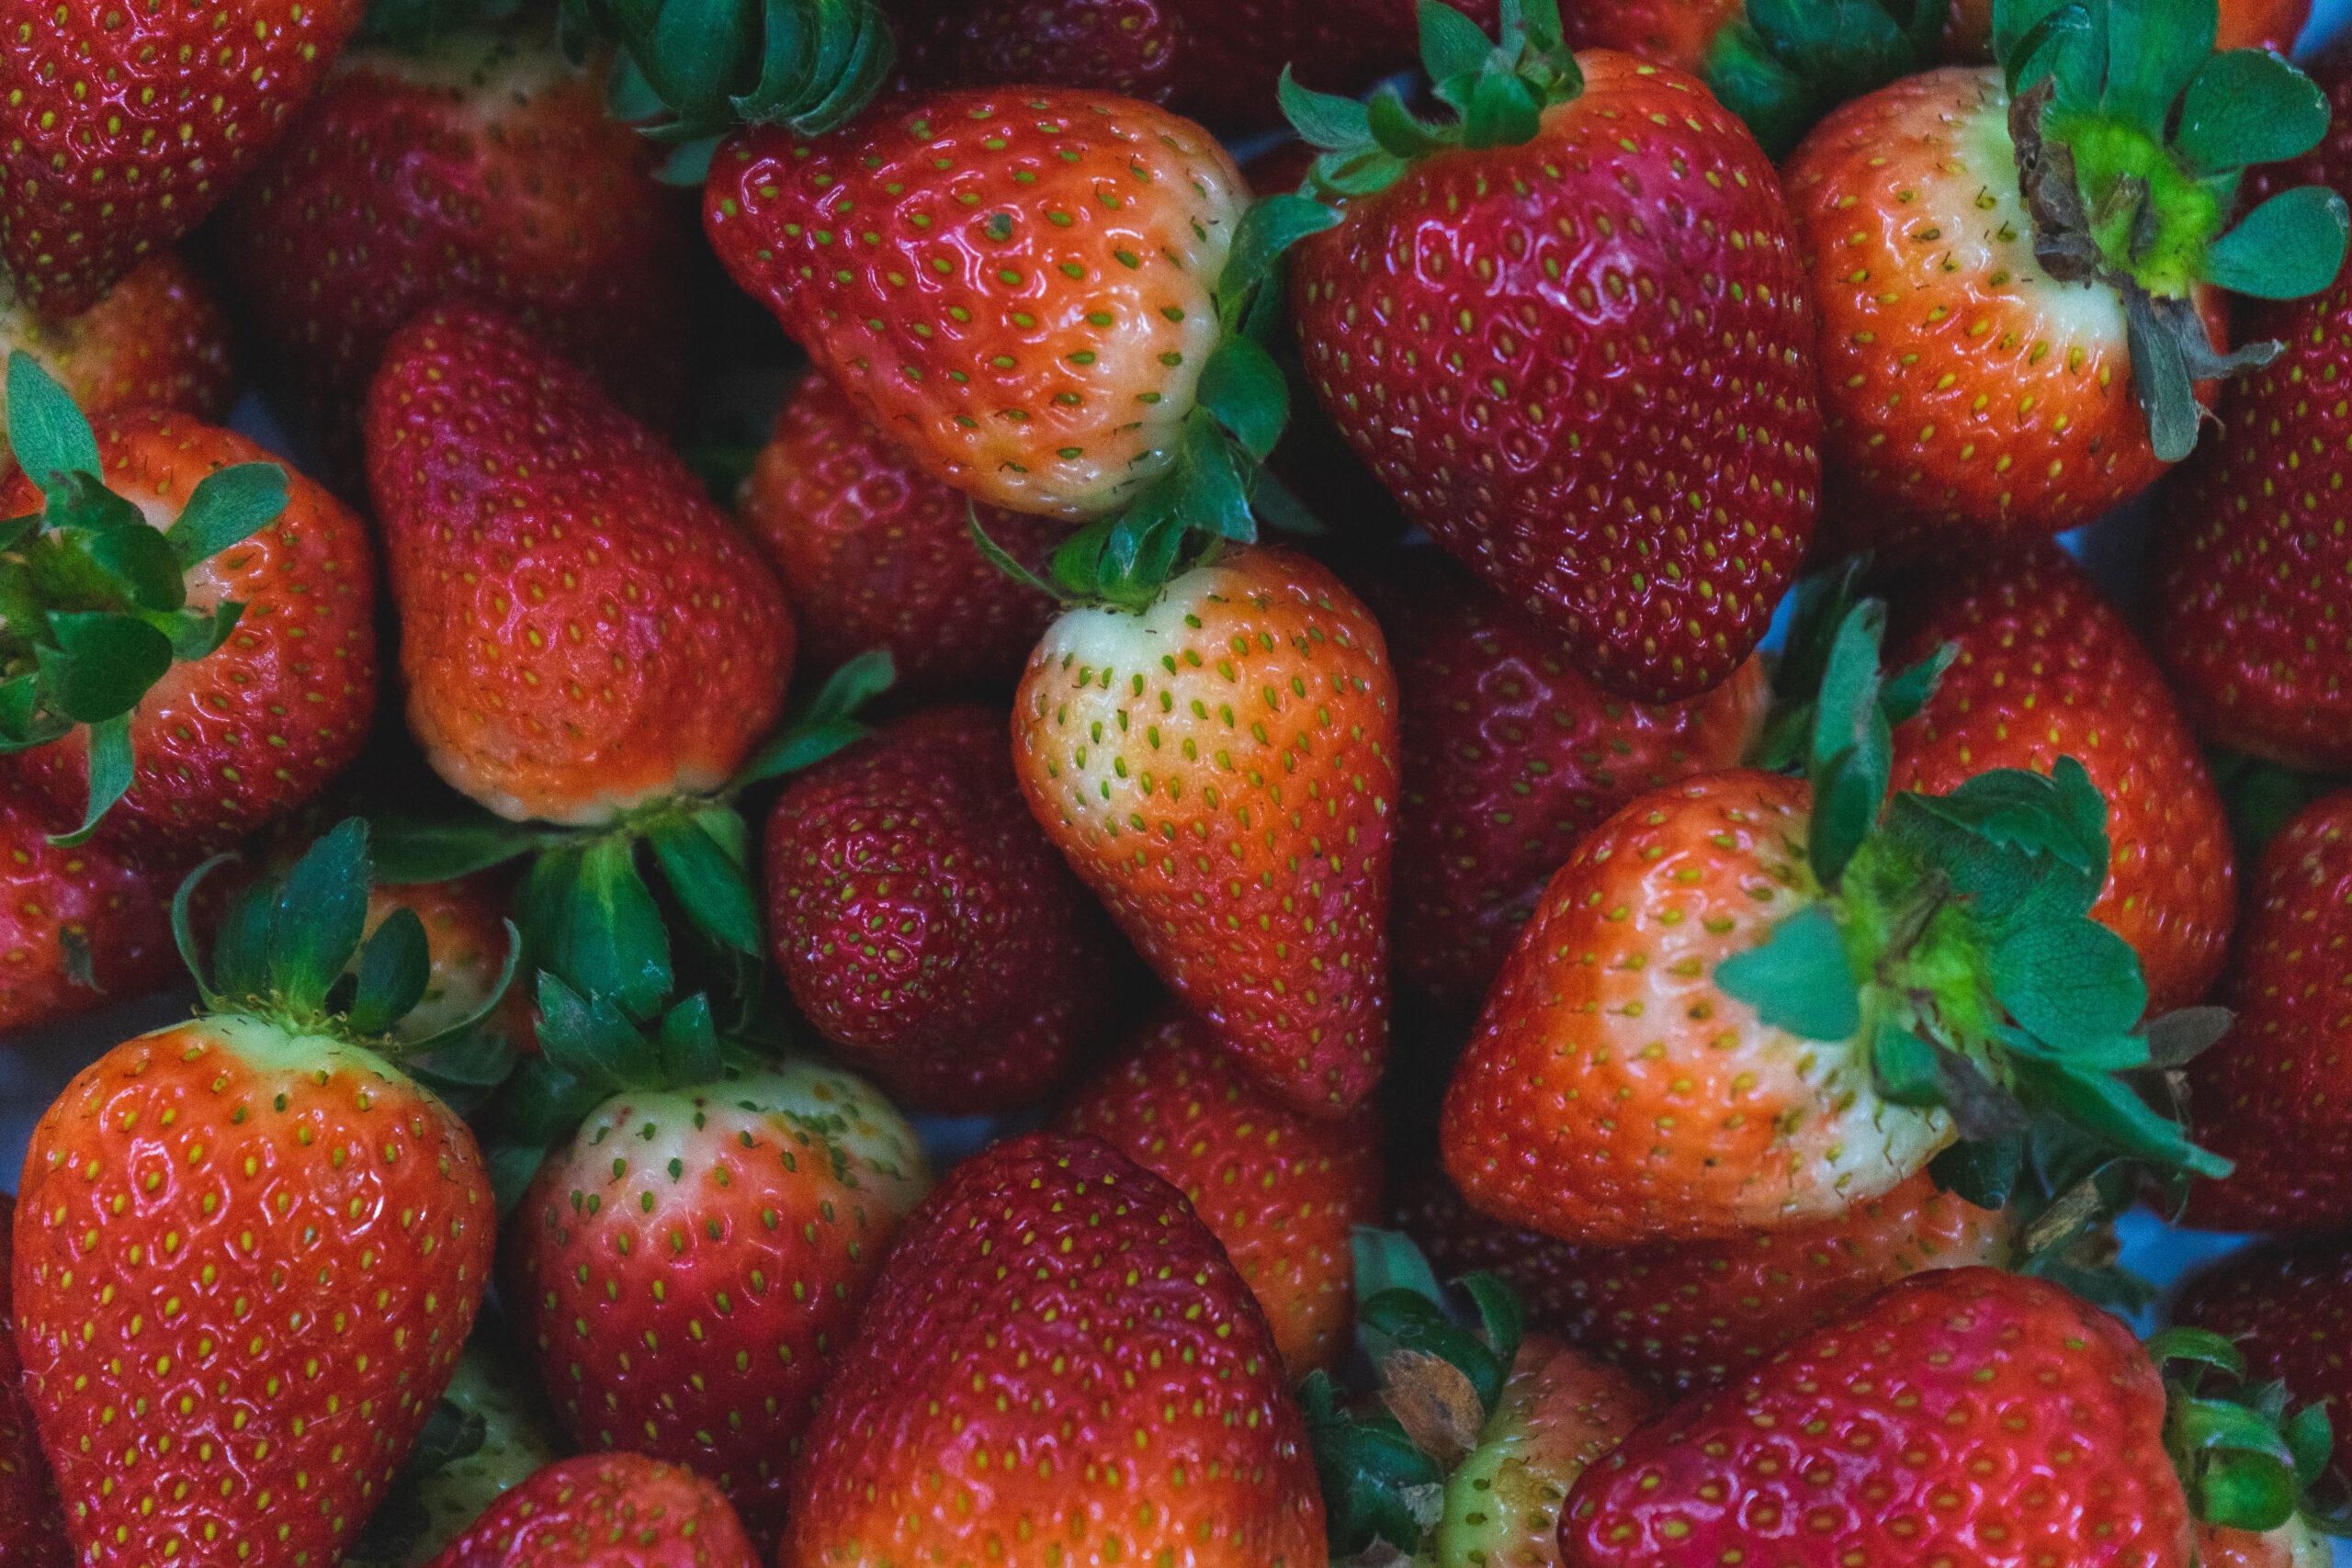 A importância de apoiar o pequeno produtor e o comércio local